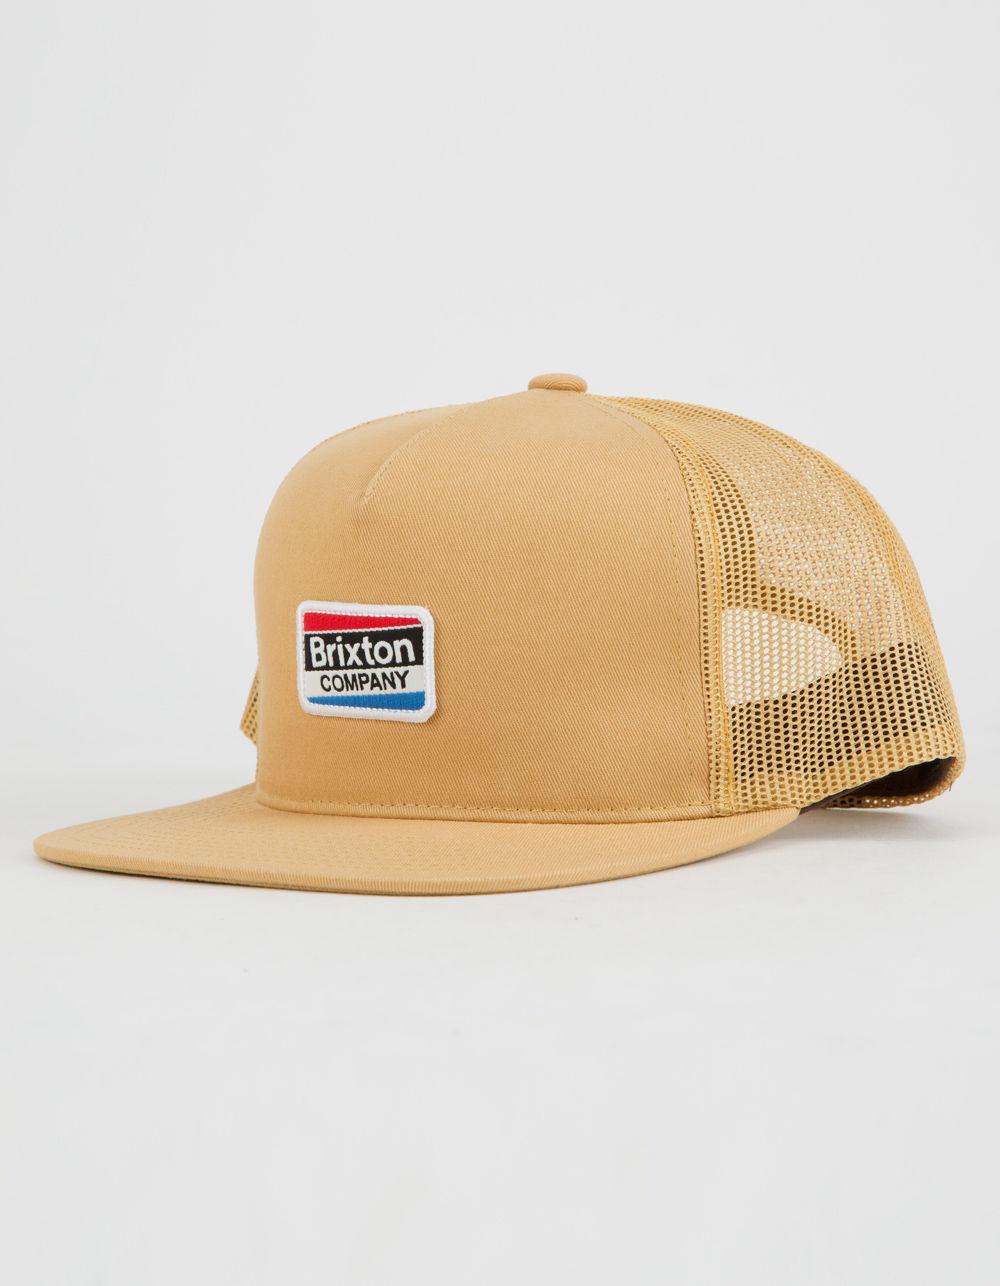 Lyst - Brixton Worden Mens Trucker Hat in Metallic for Men 40b5bf55706c